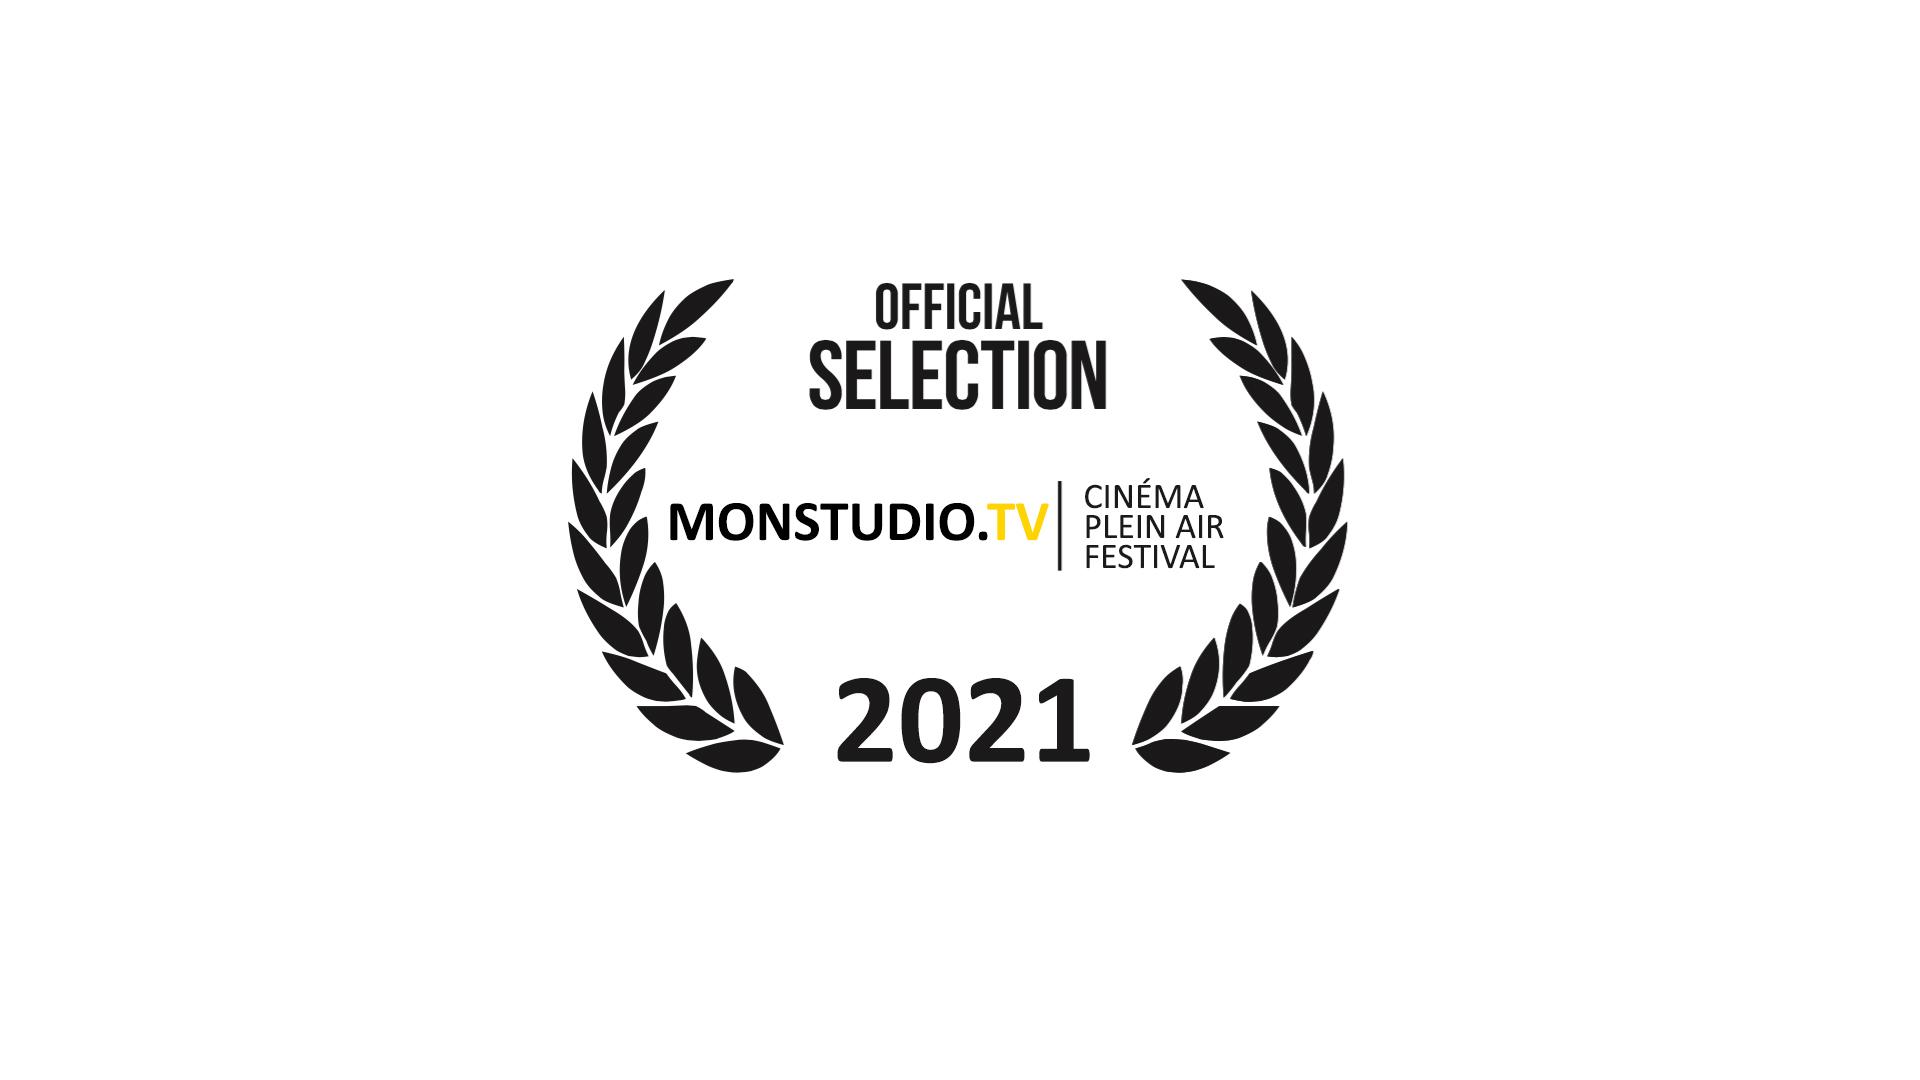 Ciné plein air au Mékano : Découvrez la sélection officielle 2021 de monstudio.tv